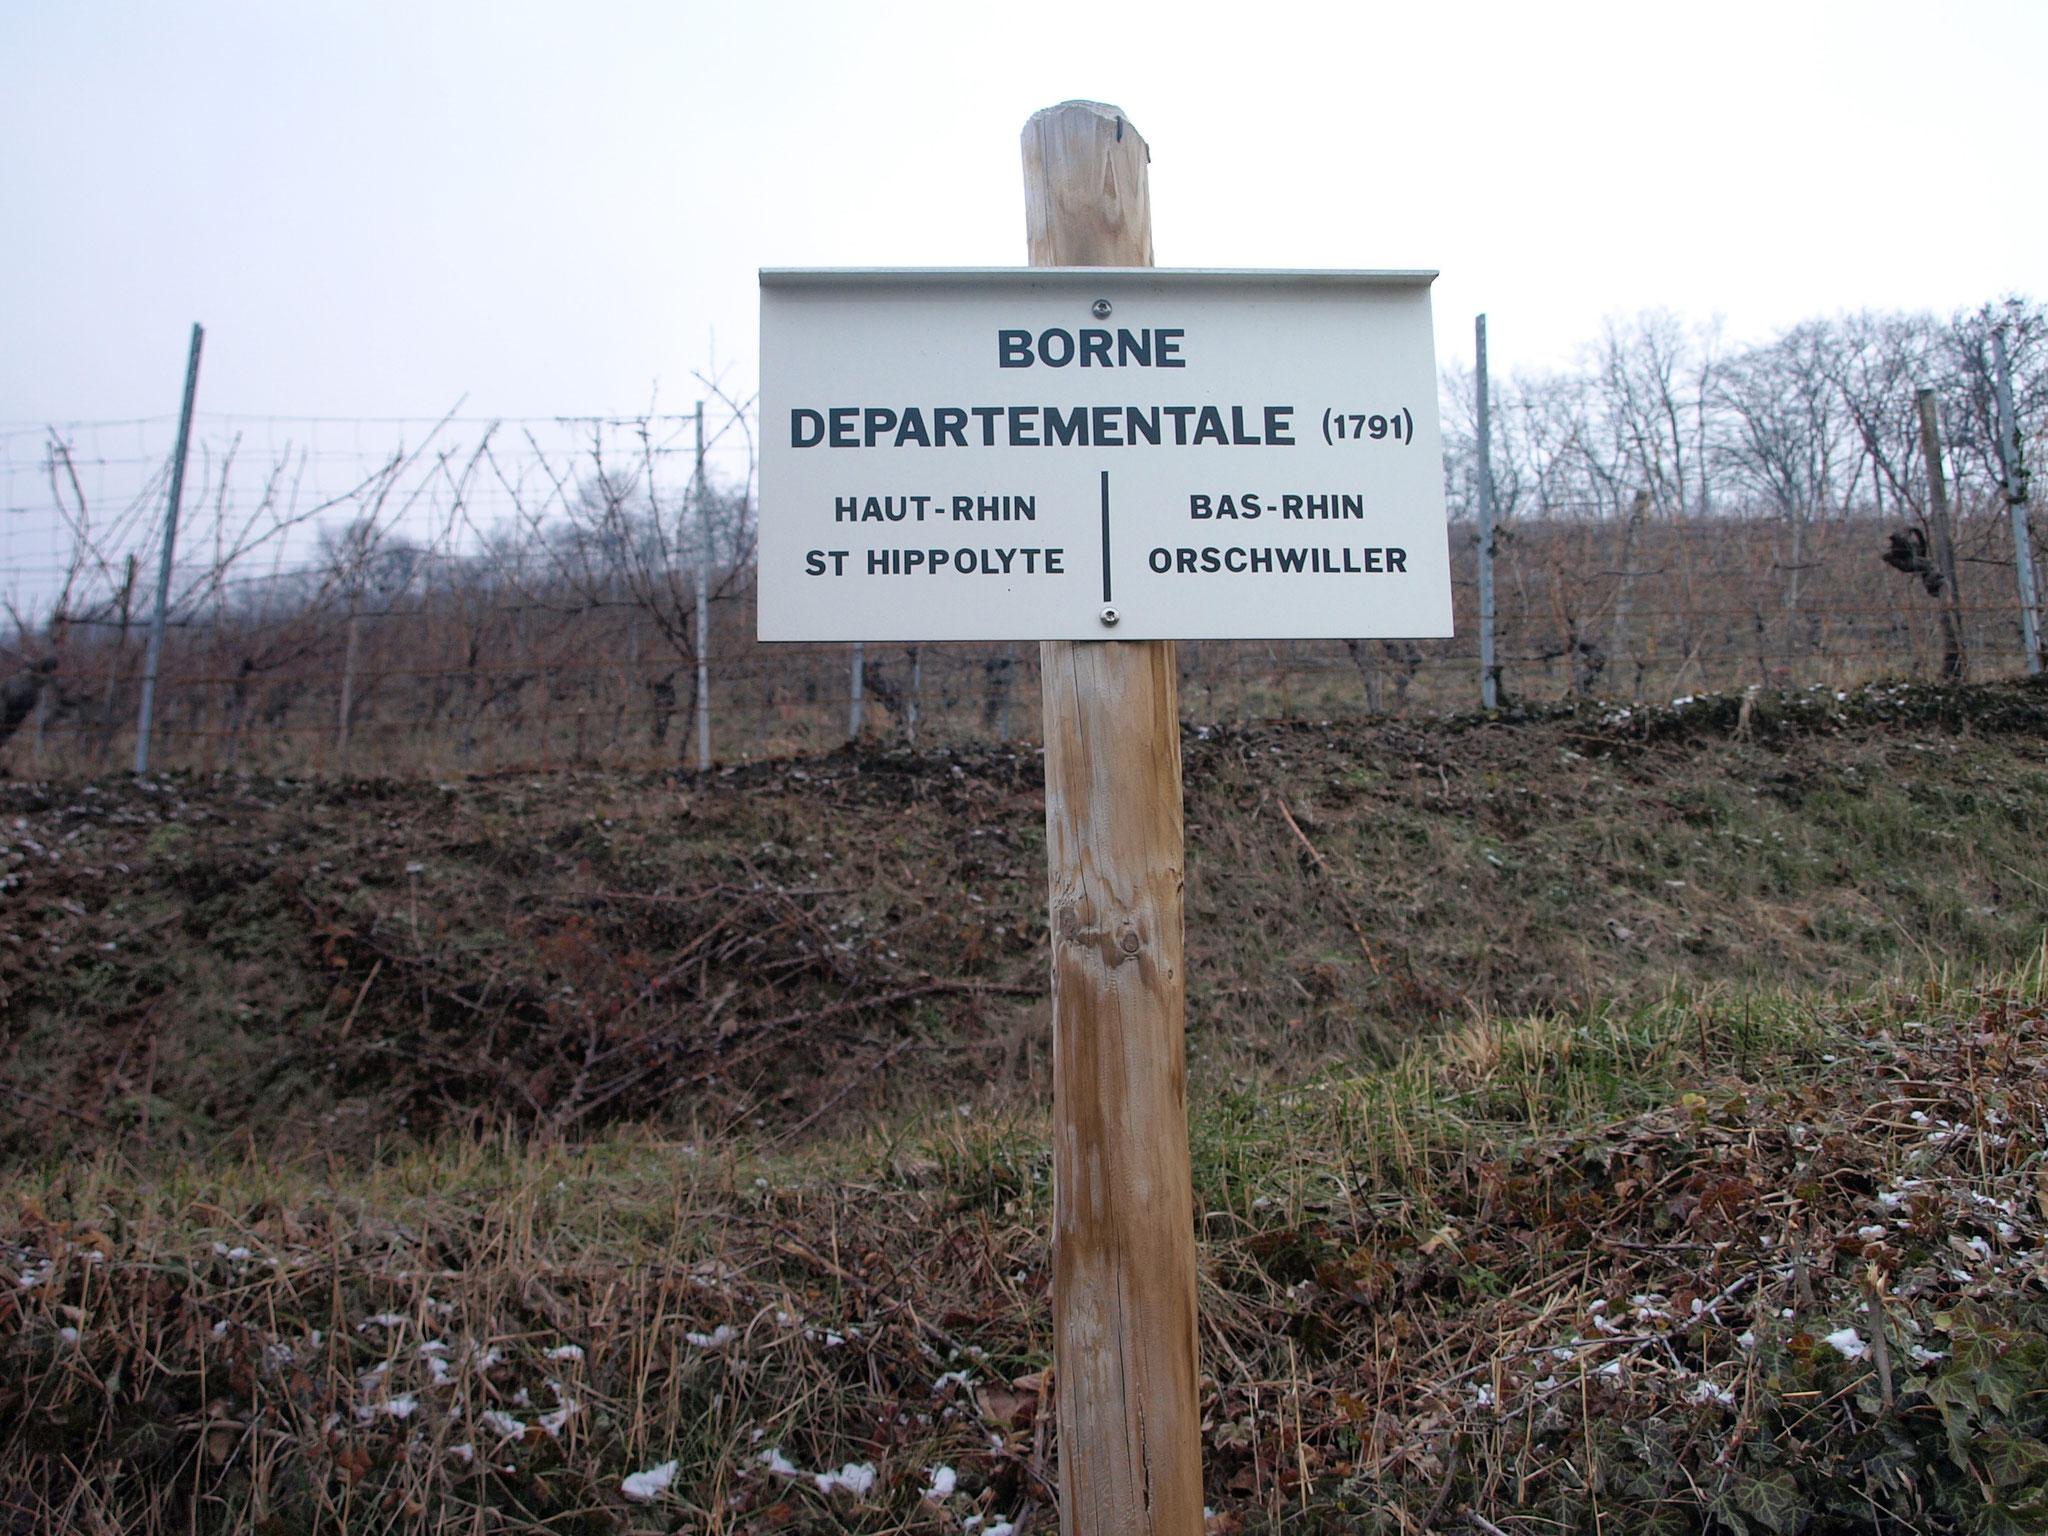 Borne départementale